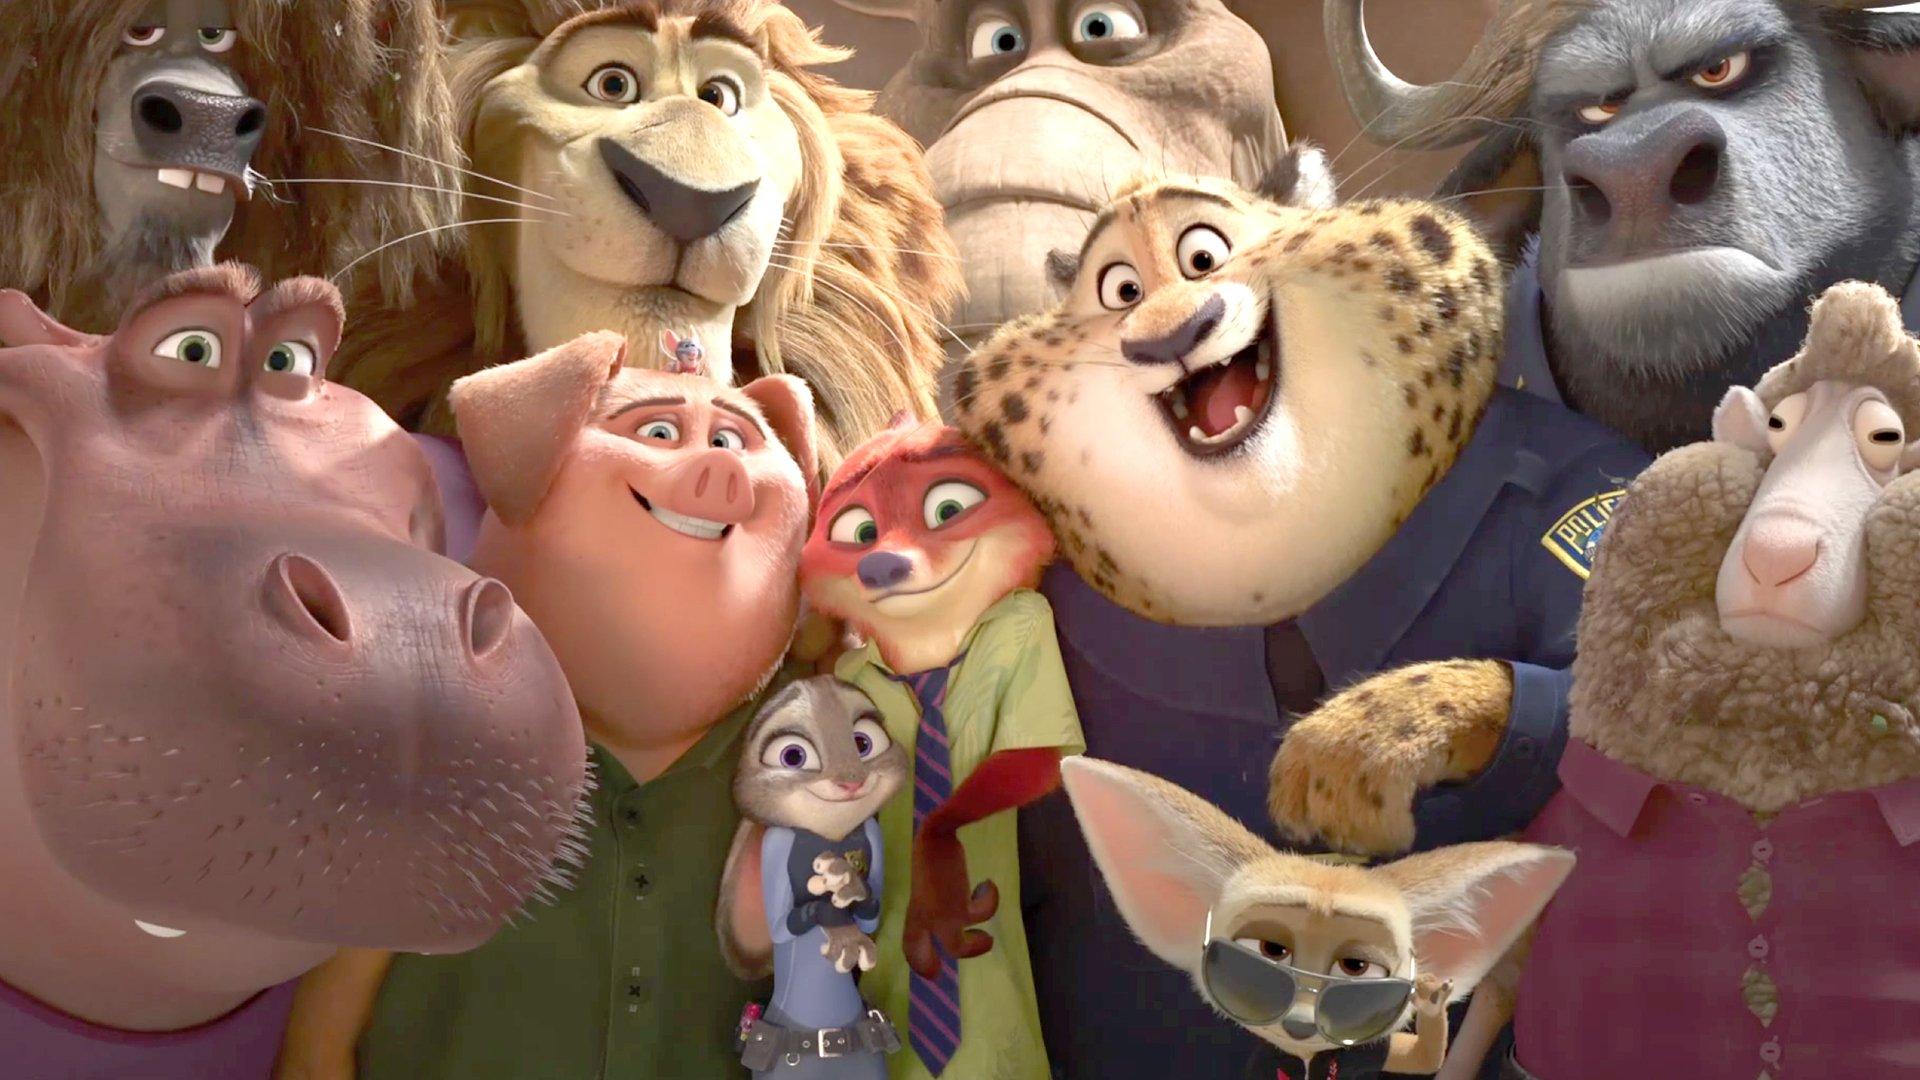 «Зверополис» стал четвертым в истории мультфильмом, преодолевшим в мировом прокате отметку в $1 млрд сборов https://t.co/JNHRc77xgN